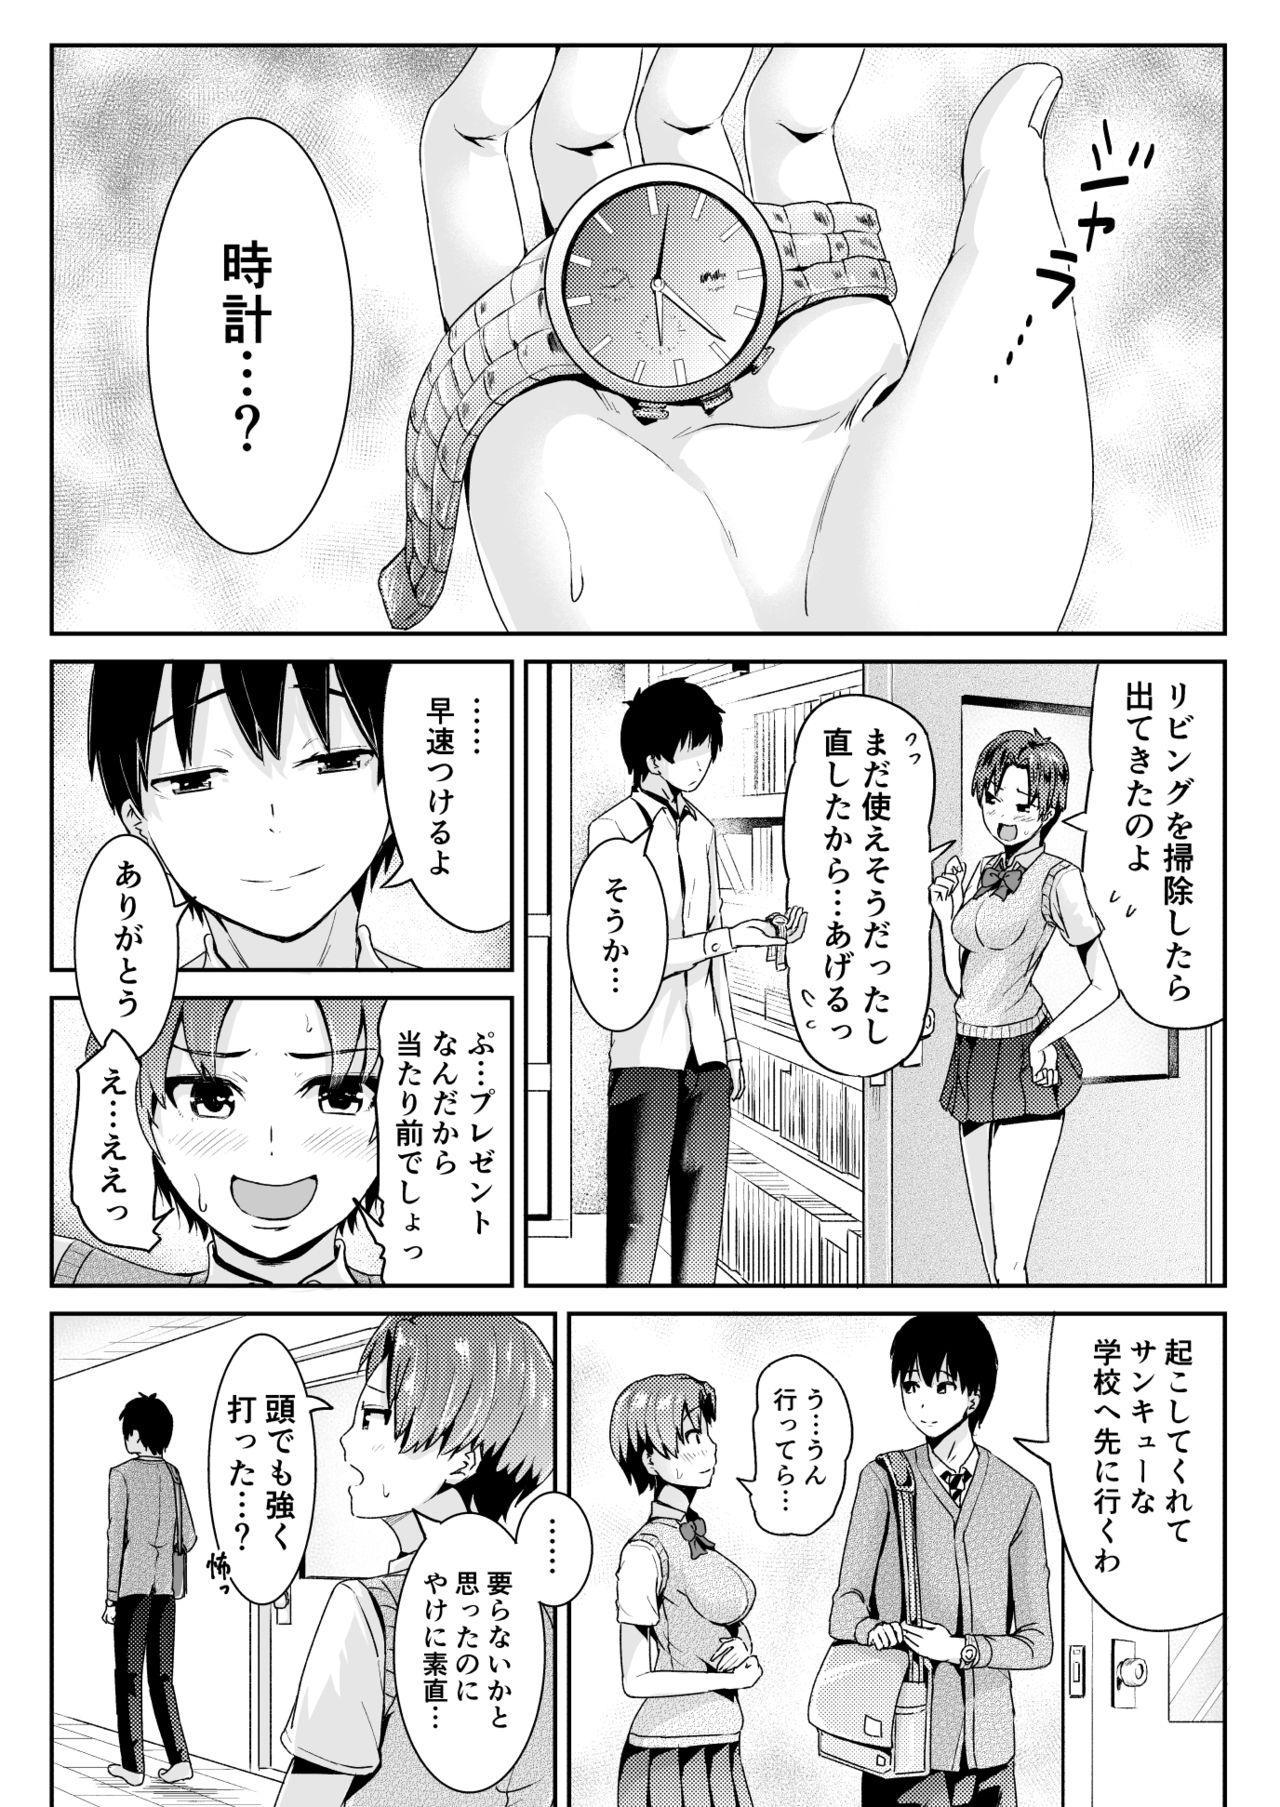 Doutei no Ore o Yuuwaku suru Ecchi na Joshi-tachi!? 8 8